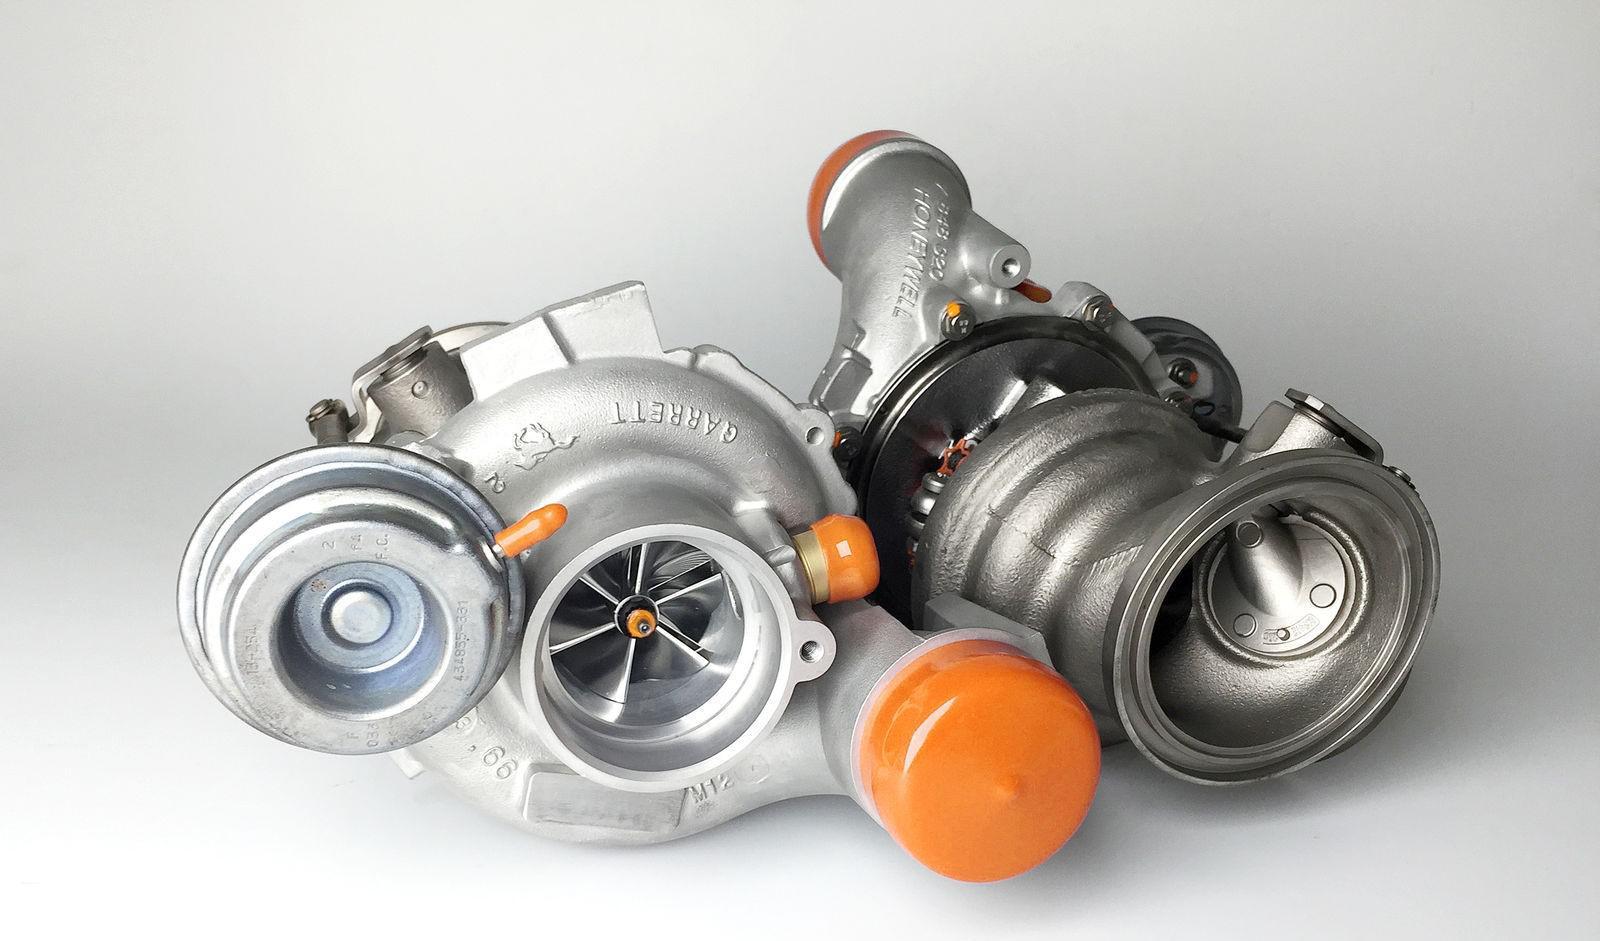 bmw-m5-f90-g-power-berline-de-puissance-avec-les-performances-d-une-super-voiture-de-sport-874-4.jpg